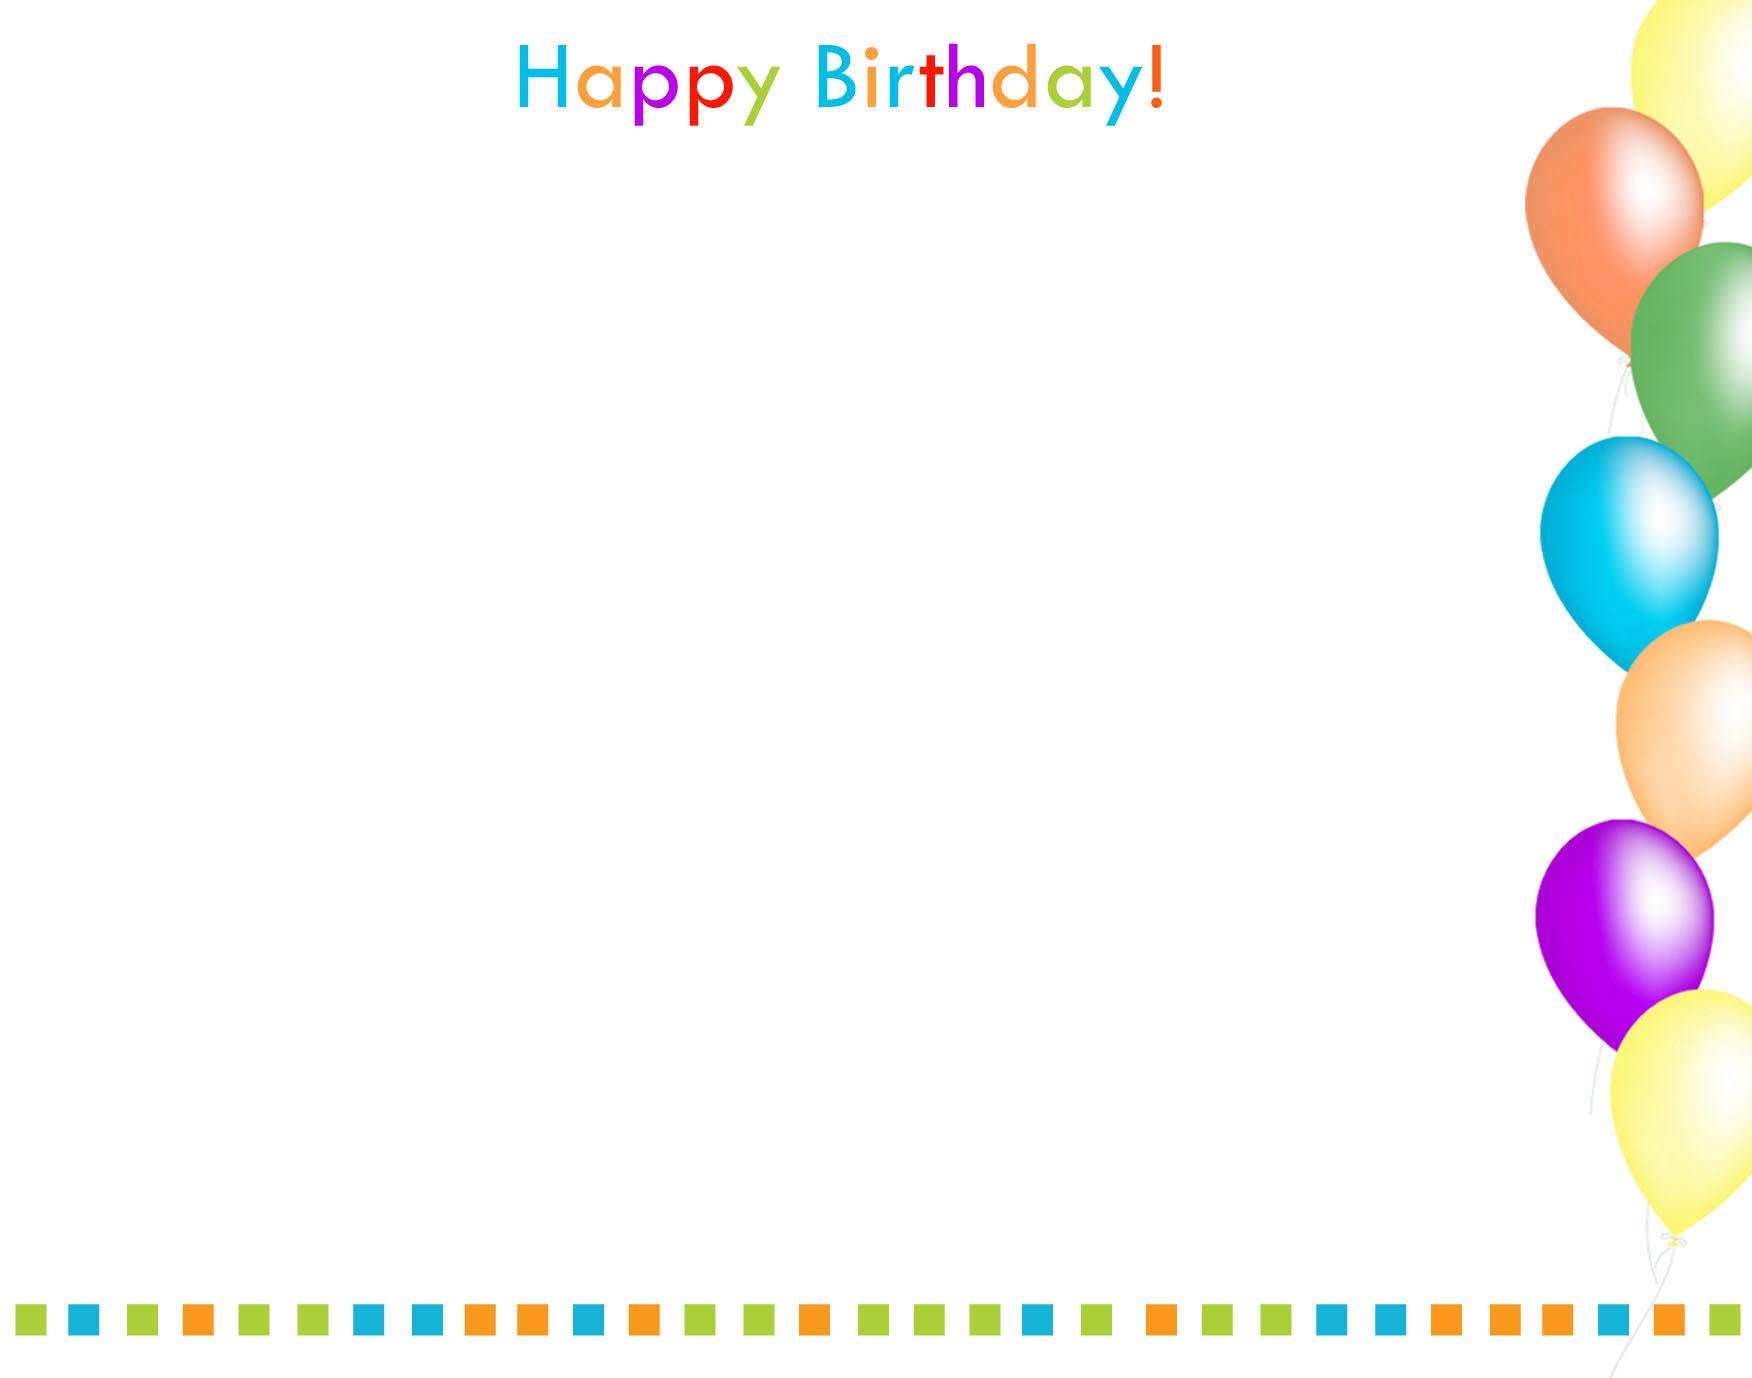 Happy Birthday Borders